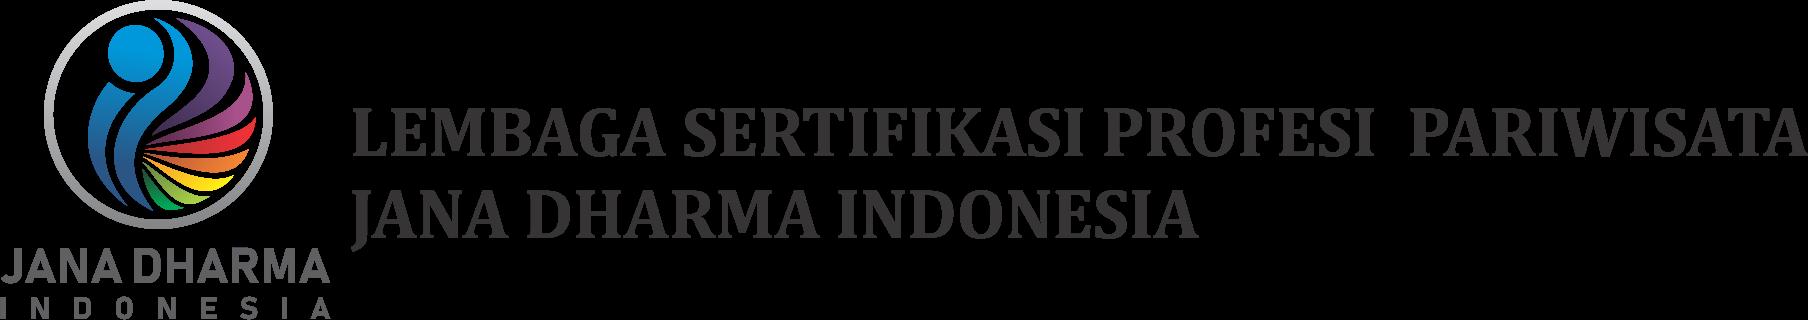 Lembaga Sertifikasi Profesi Pariwisata Jana Dharma Indonesia